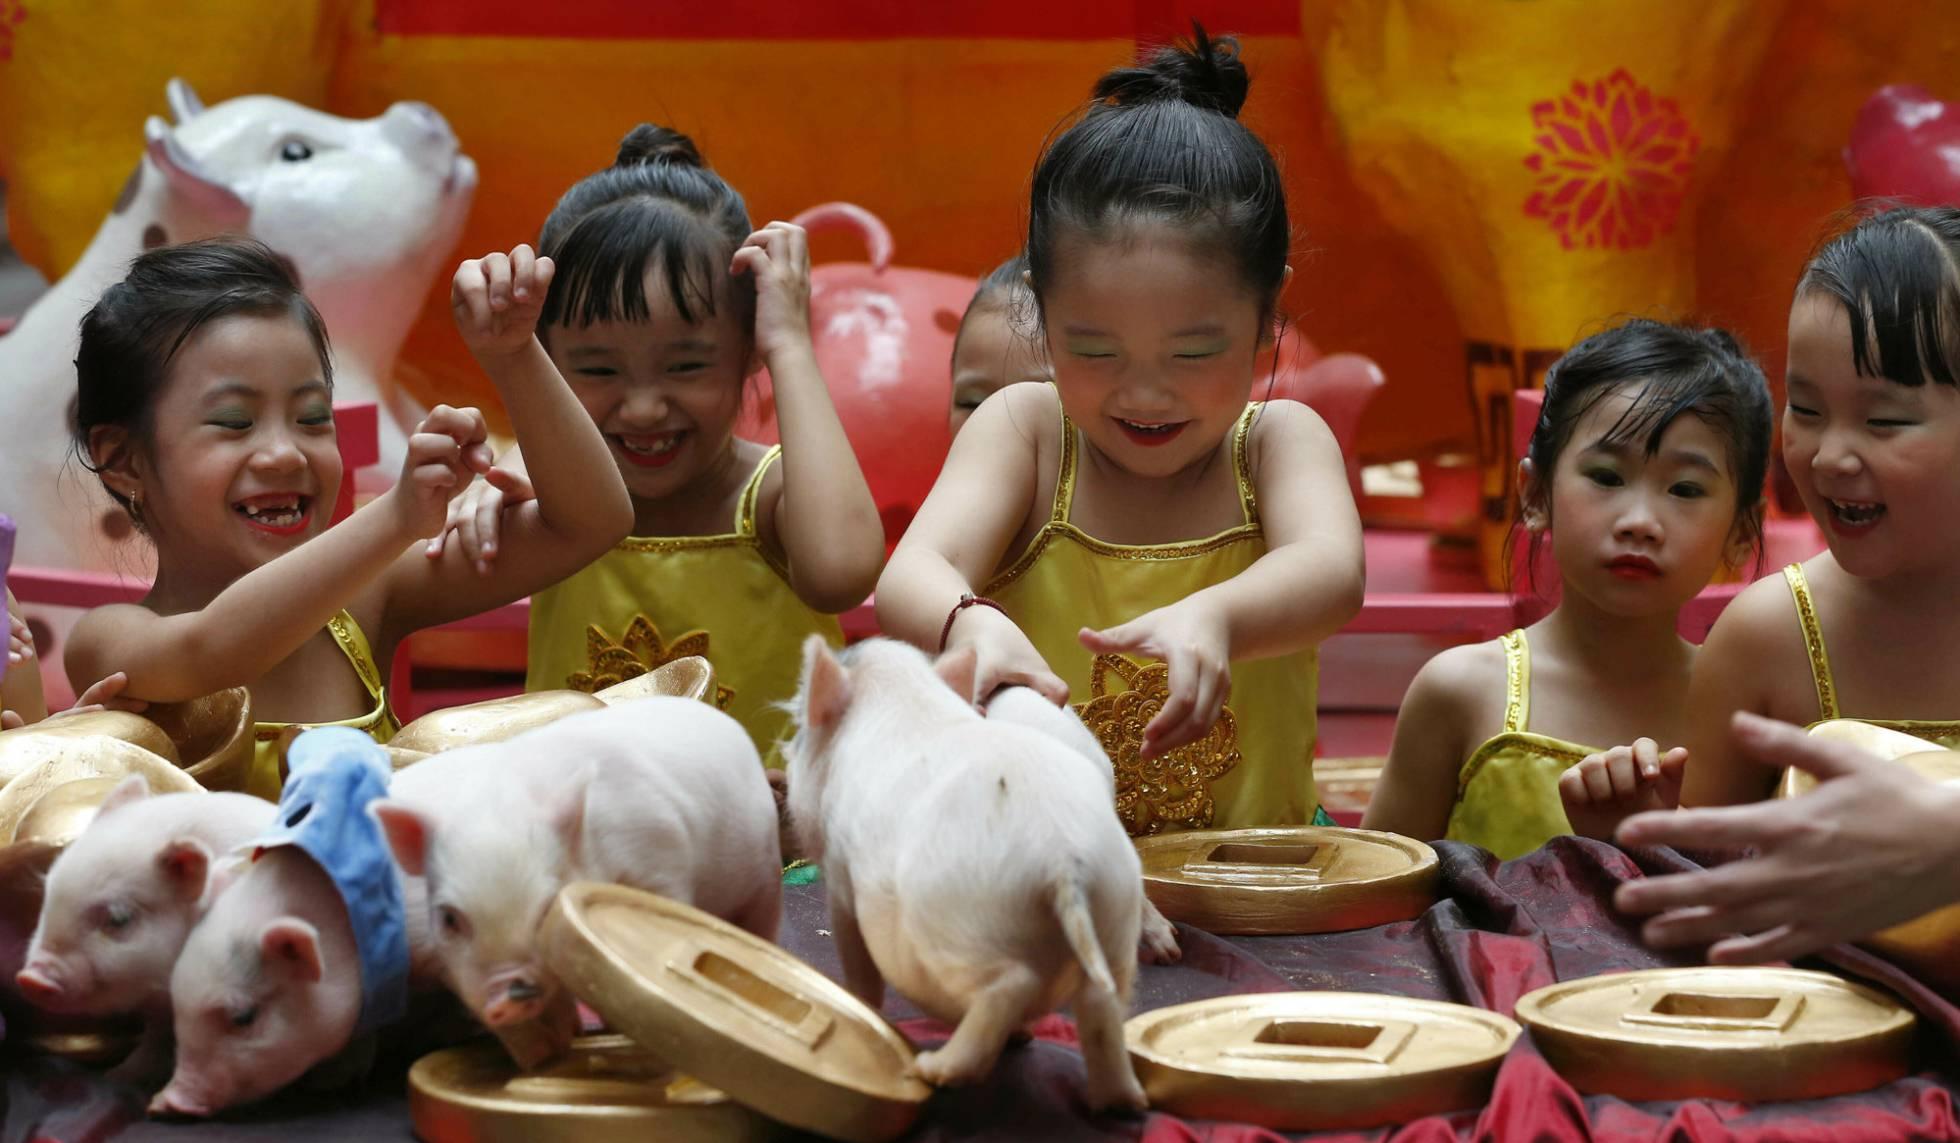 Crianças brincam com porquinhos em Manila, nas Filipinas.